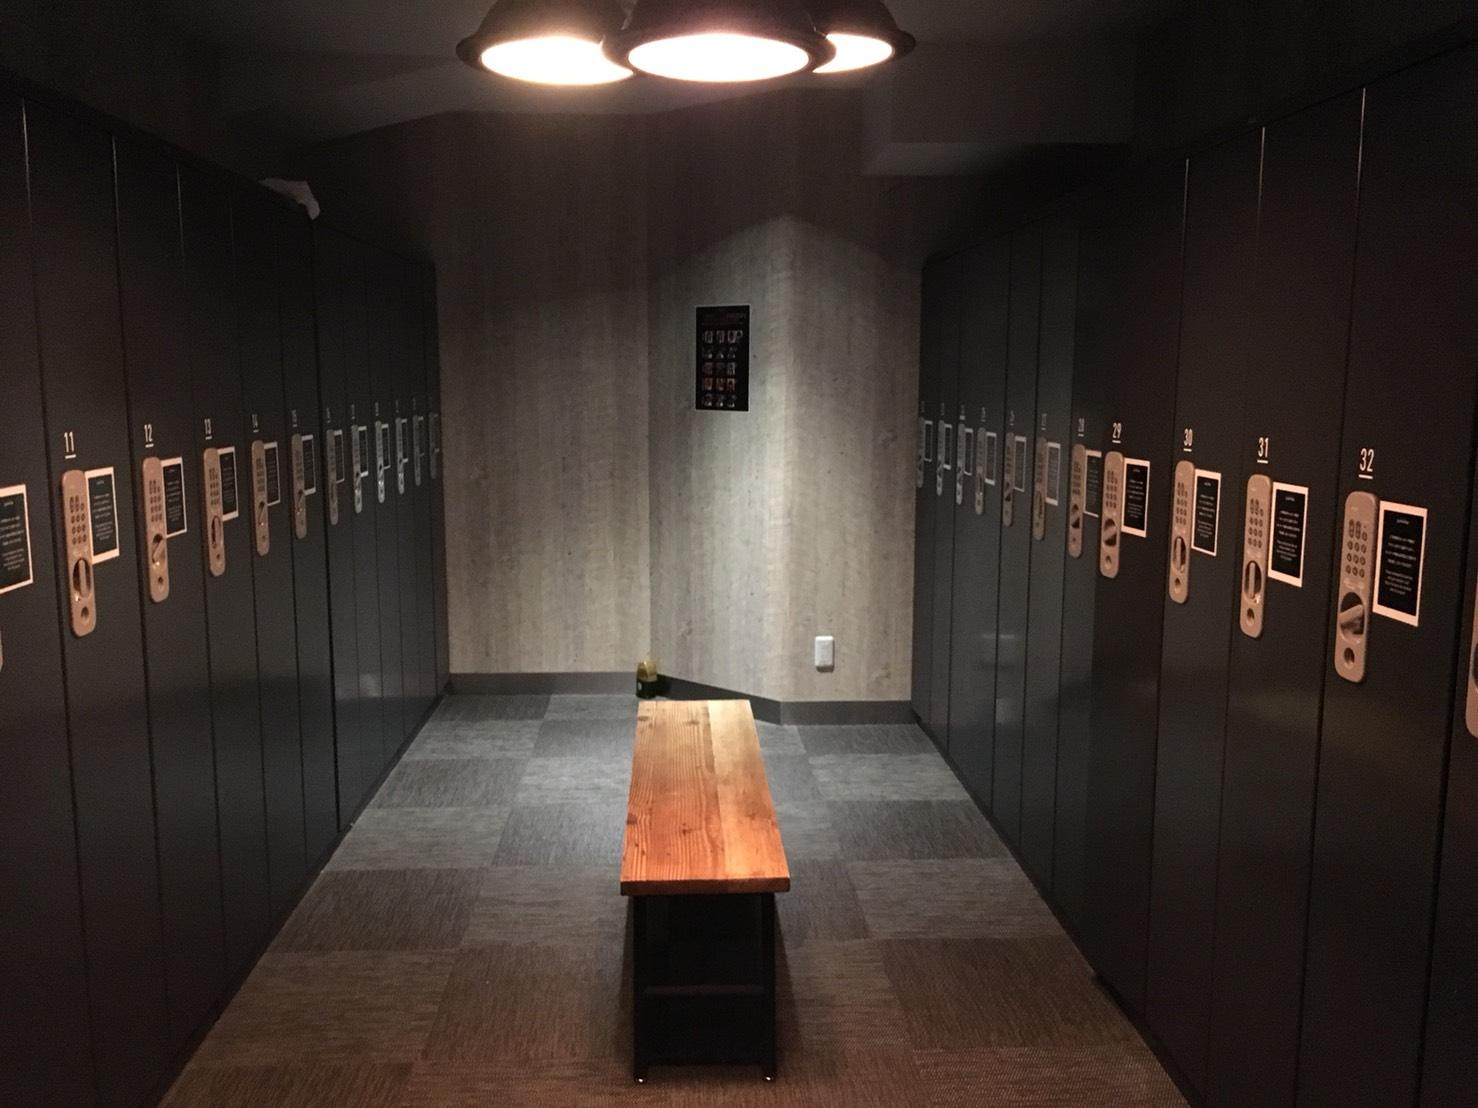 ジムのロッカールーム